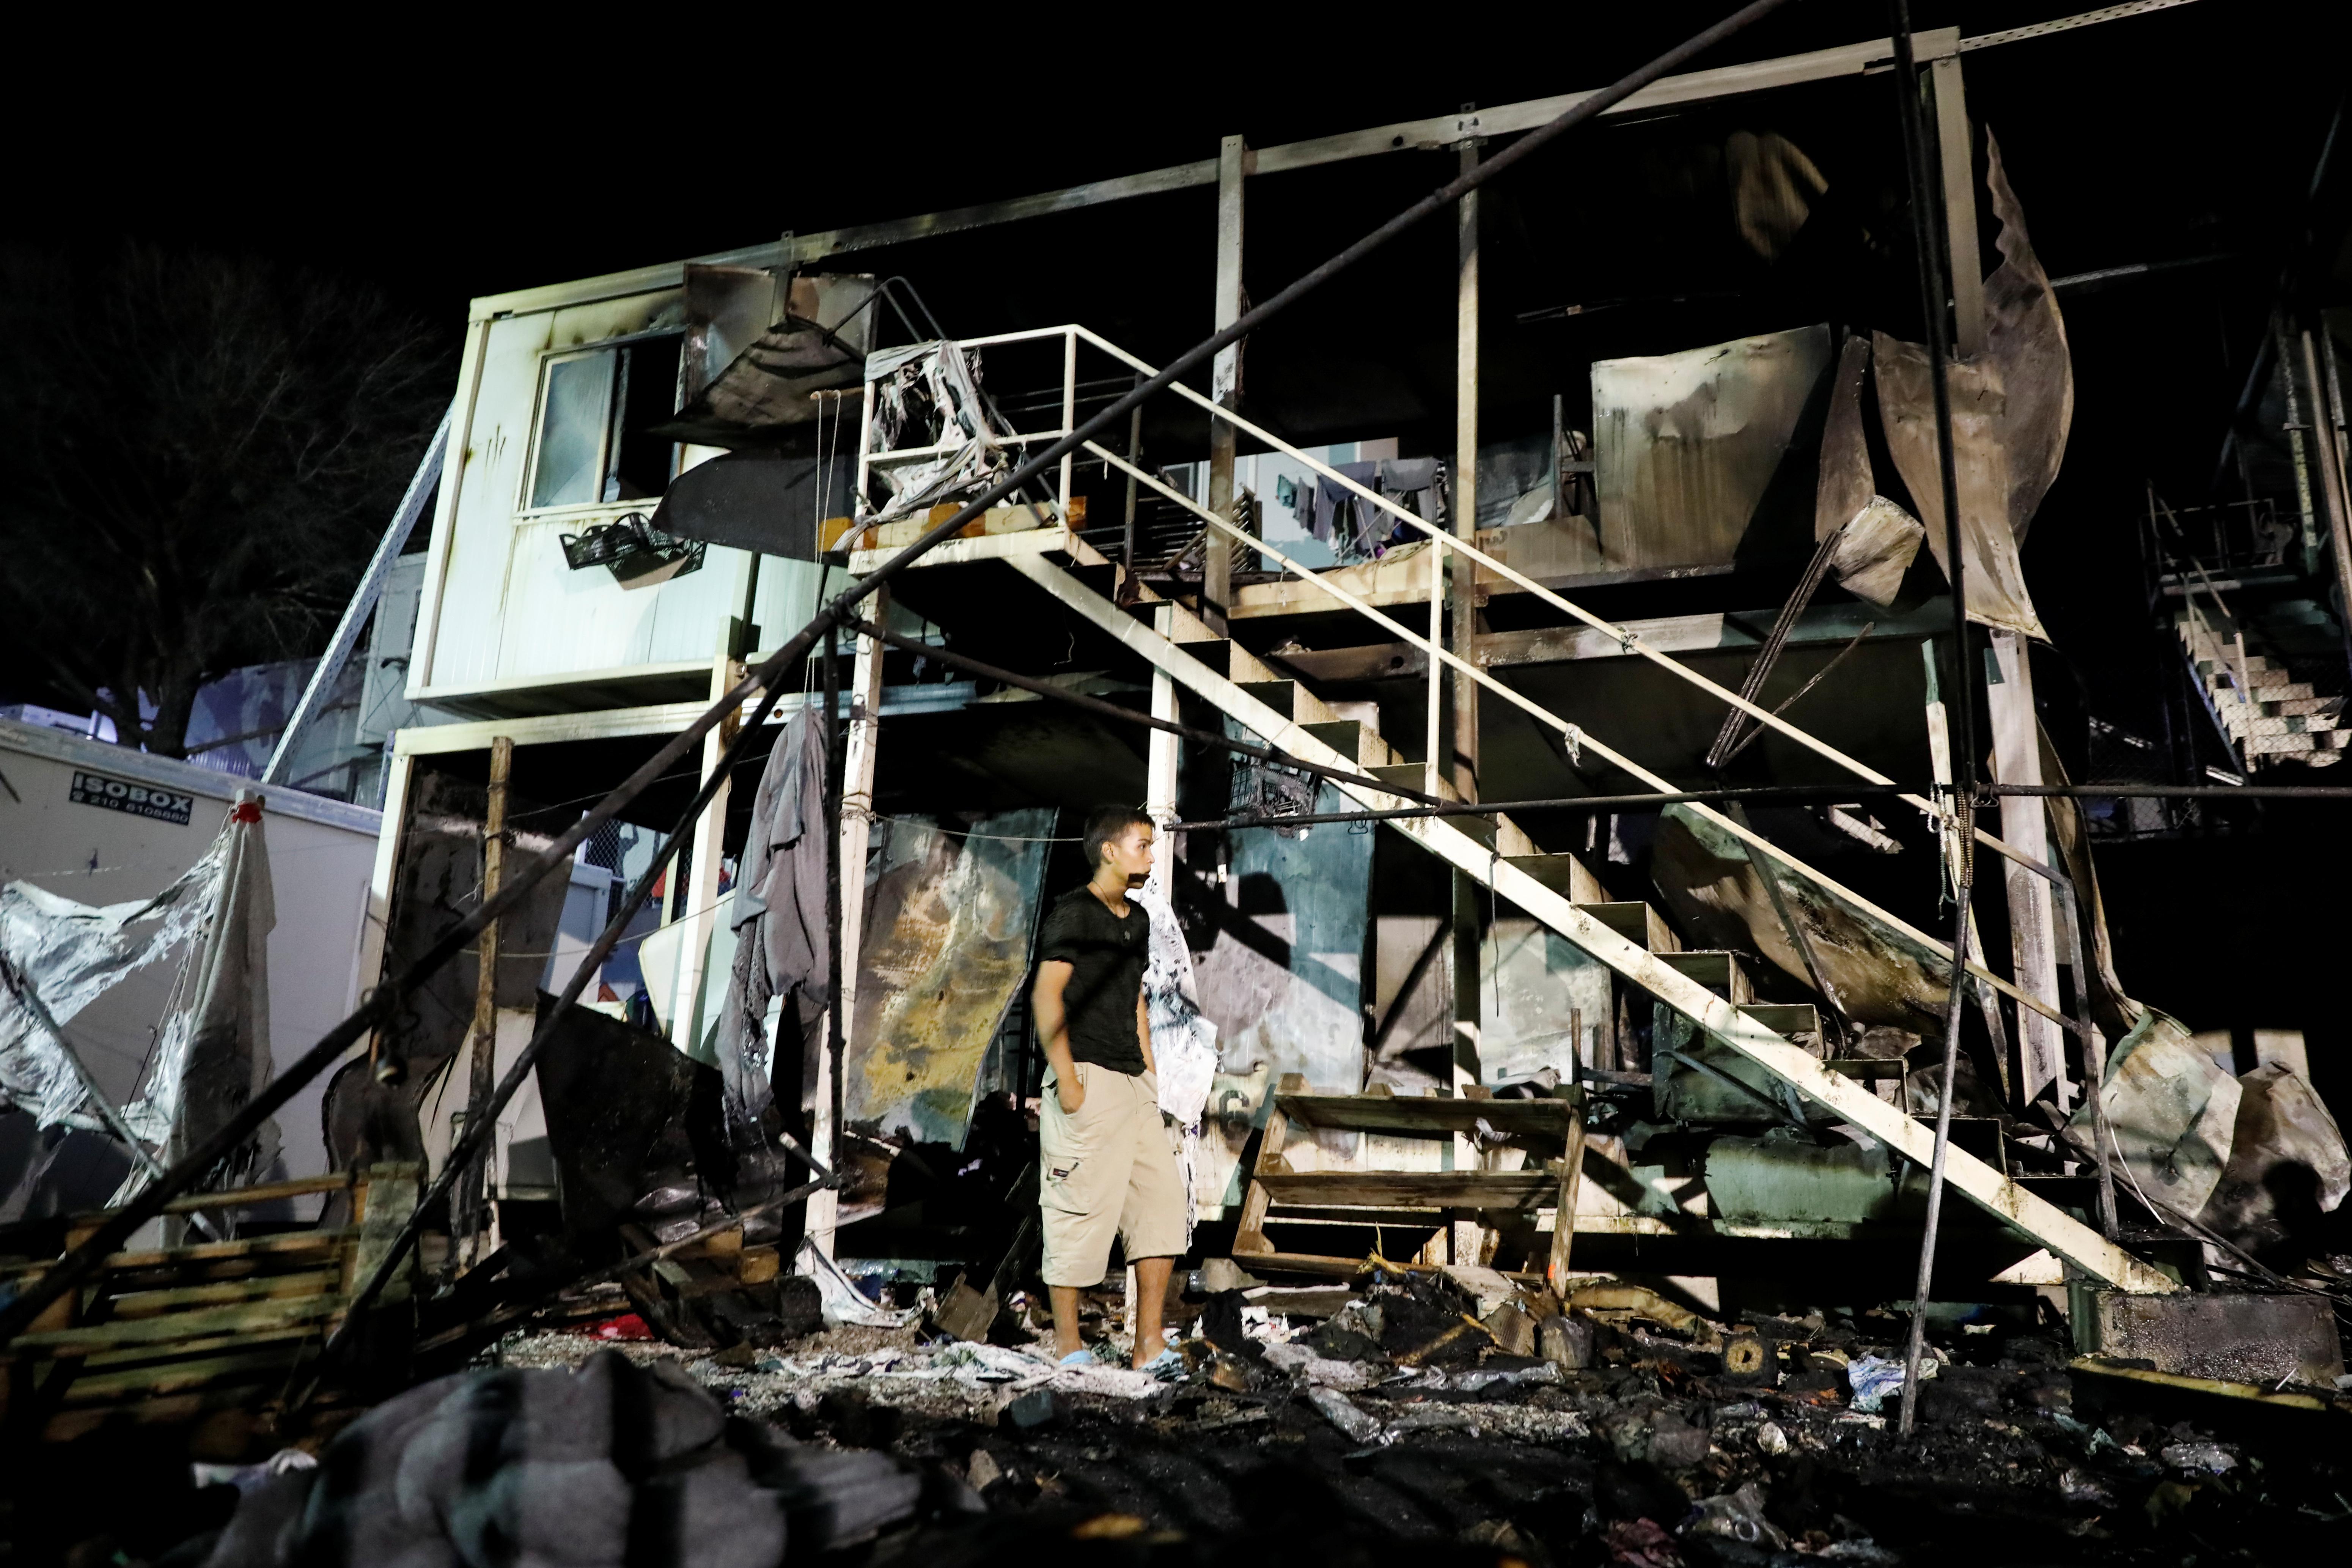 Από έκρηξη φιάλης υγραερίου προκλήθηκε η πυρκαγιά που κάηκε ζωντανή πρόσφυγας στη Μυτιλήνη